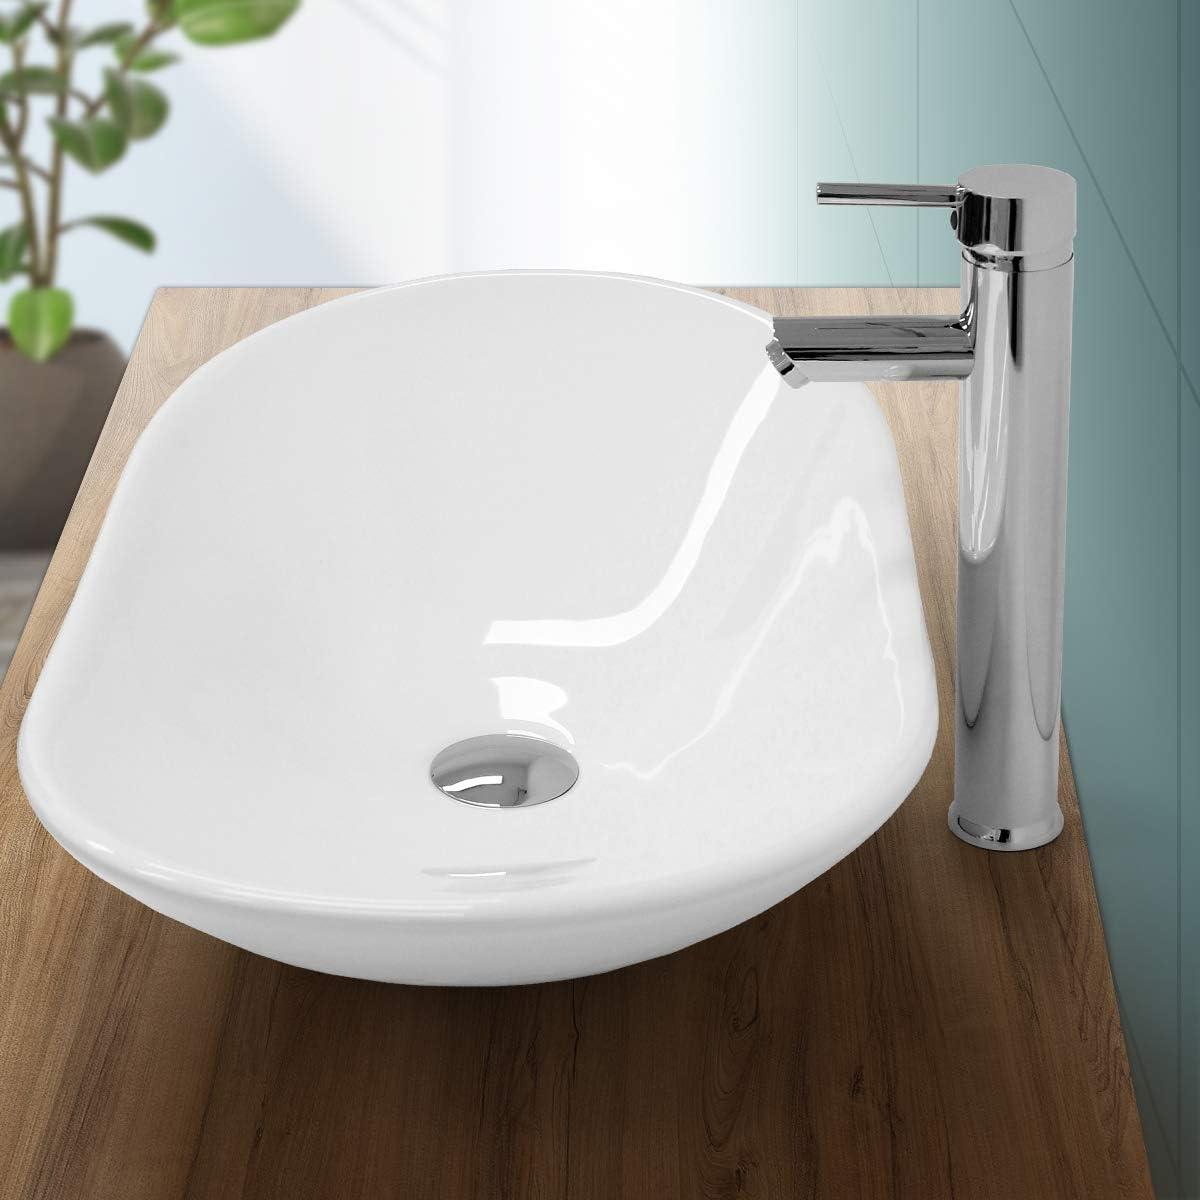 ECD Germany Lavabo de Baño 640x365x130 mm Lavadero de Encimera Material Cerámico Blanca Fregadero de Aseo Cascada Estilo Moderno y Elegante Sanitario Sobremesa Lavamanos Sin Rebosadero